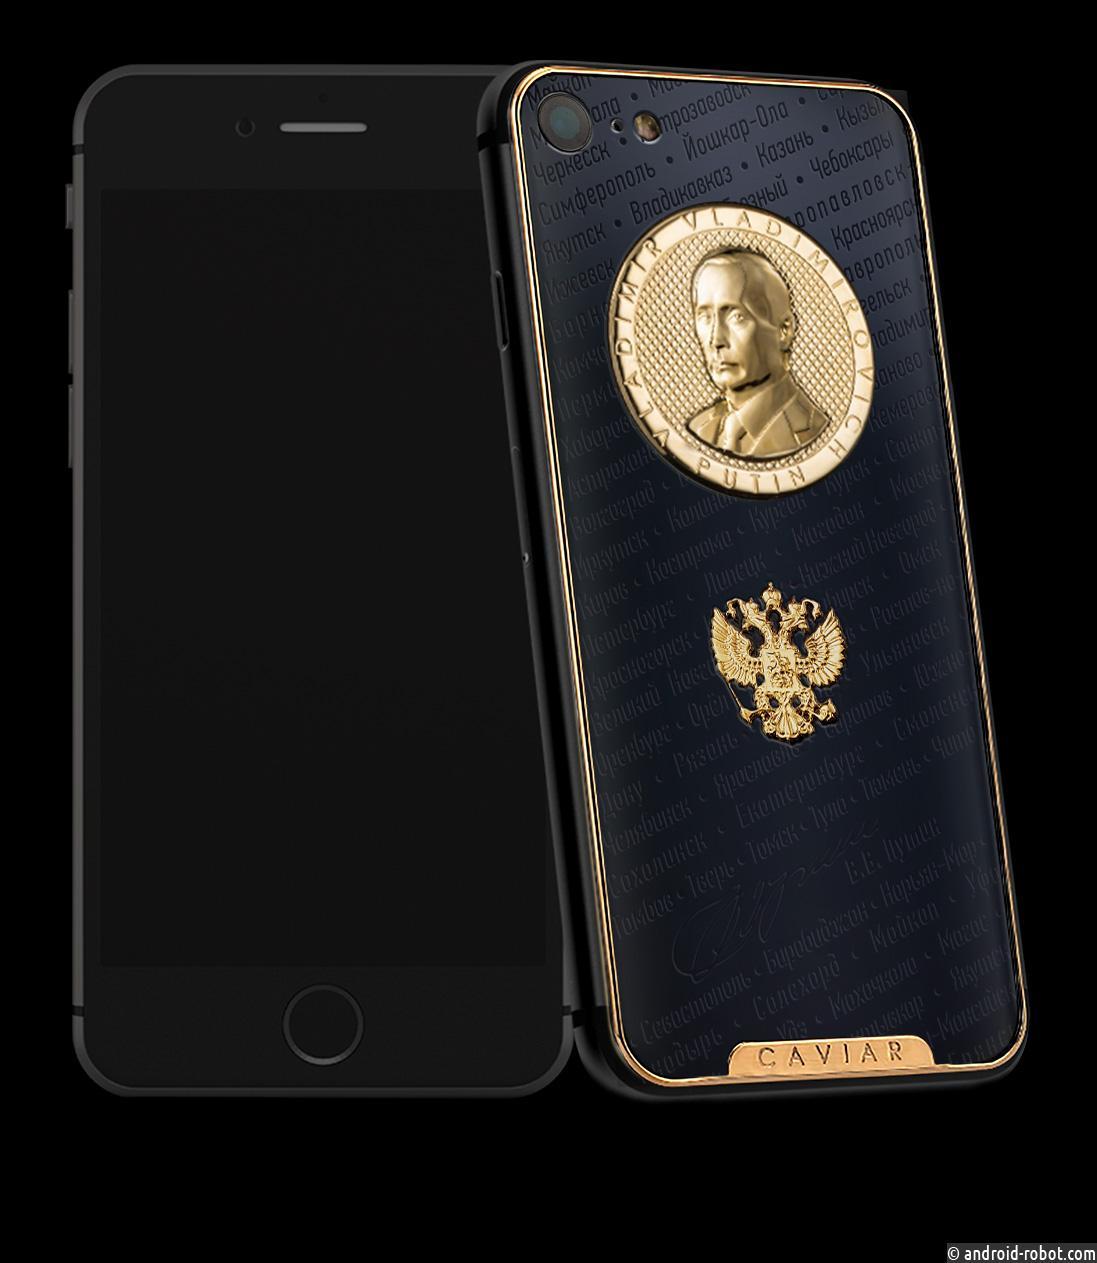 Caviar подарит золотой iPhone 7 Даниле Прилепе за самый смелый вопрос на прямой линии с Президентом